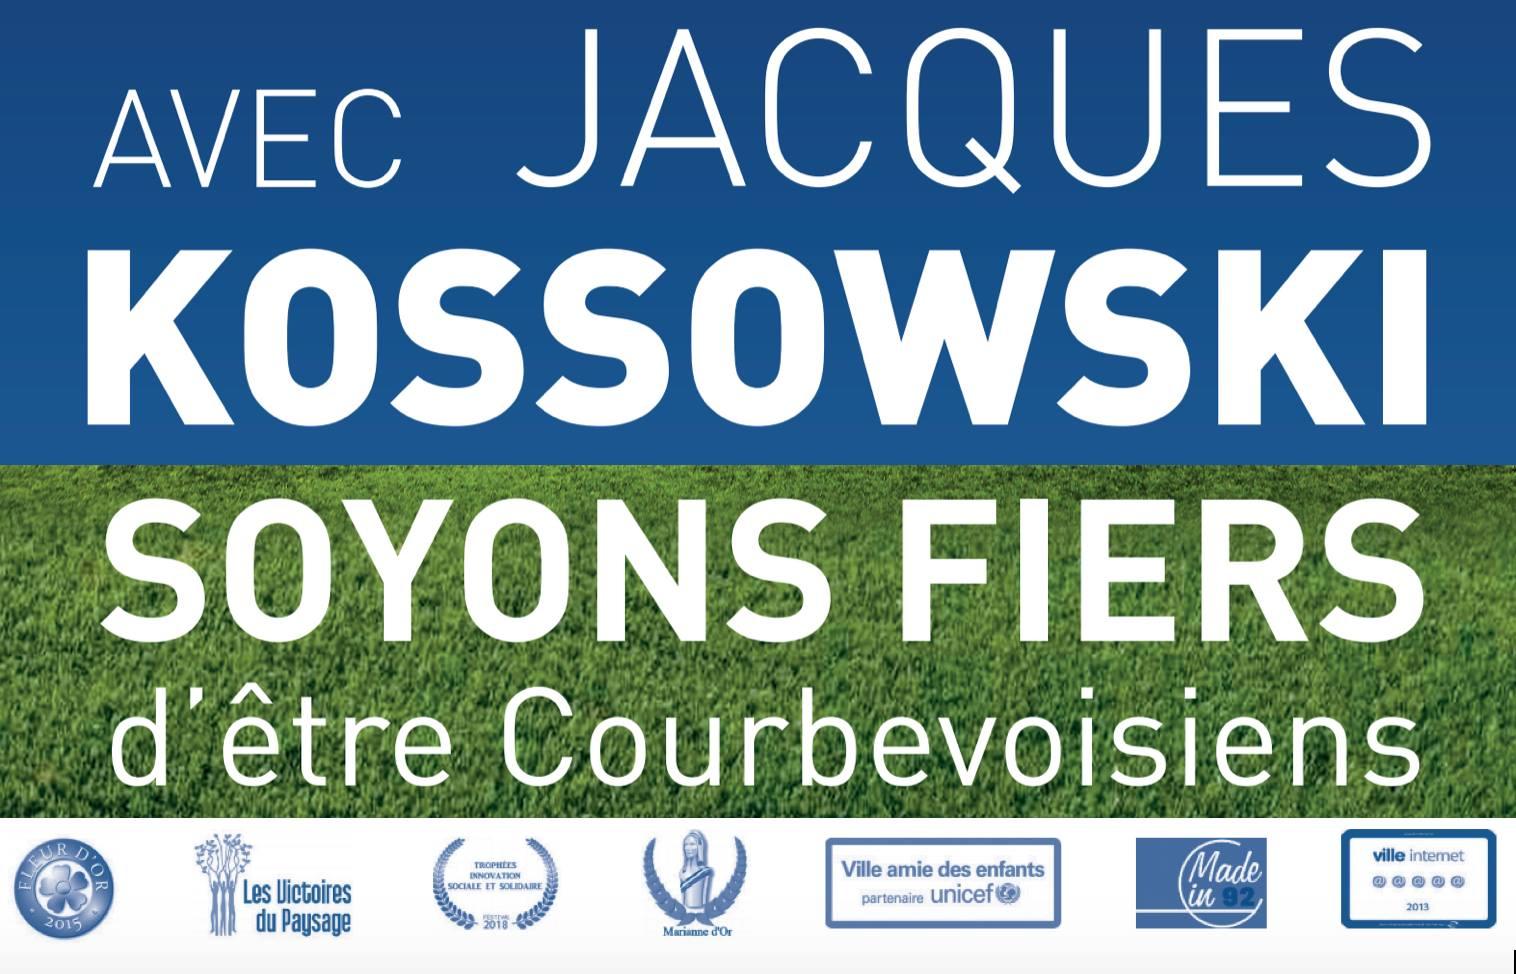 Avec Jacques KOSSOWSKI soyons fiers d'être Courbevoisiens